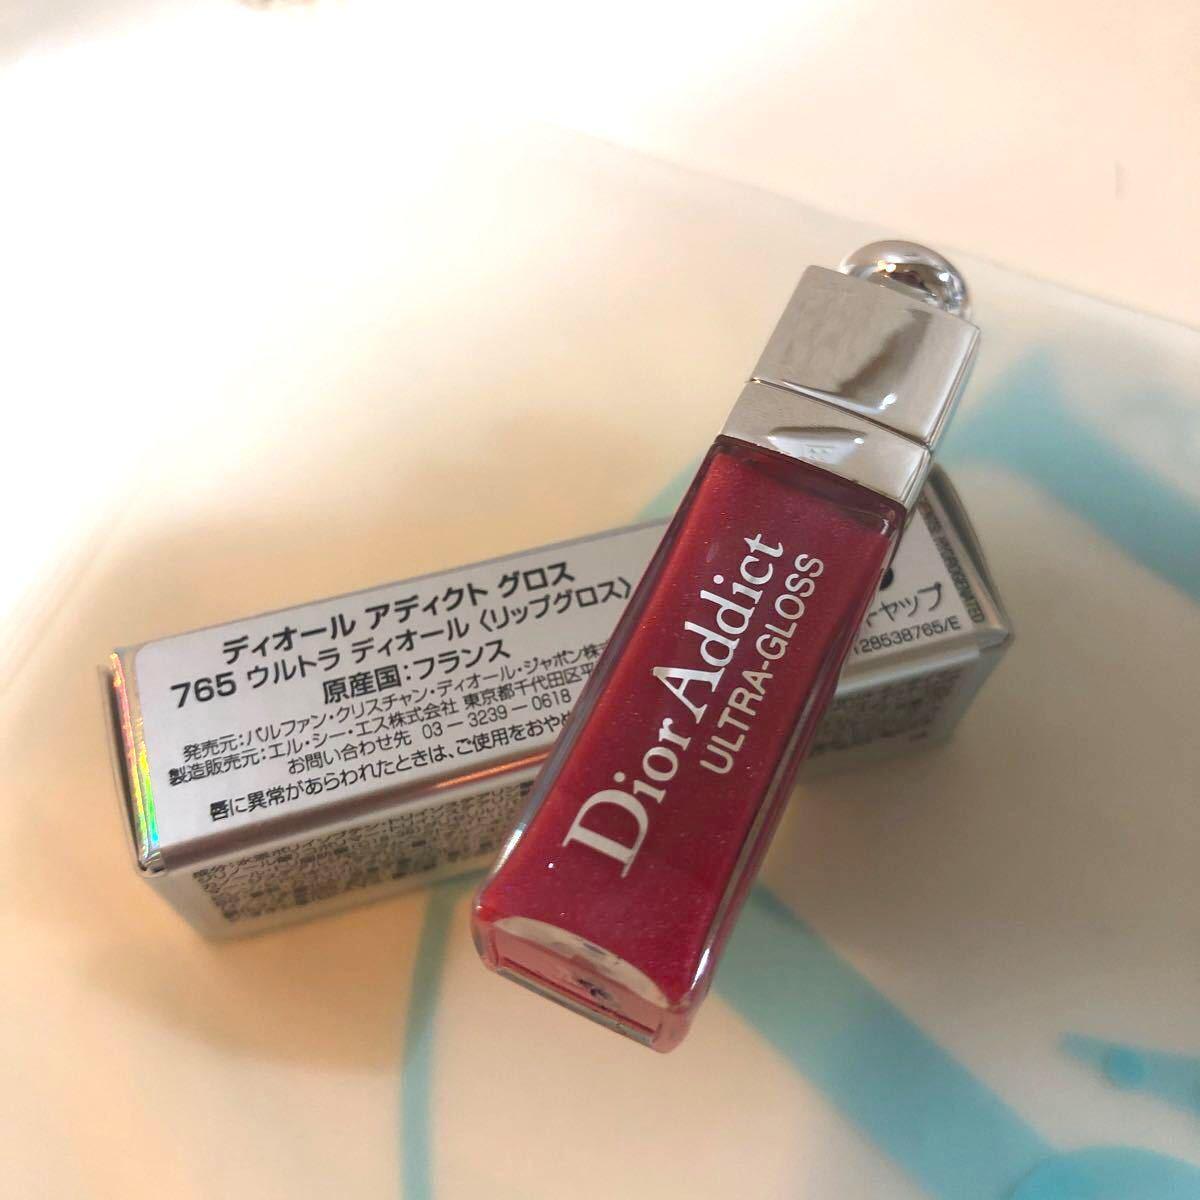 ディオールアディクトリップ リップグロス ディオールアディクトグロス Dior765サンプルサイズ